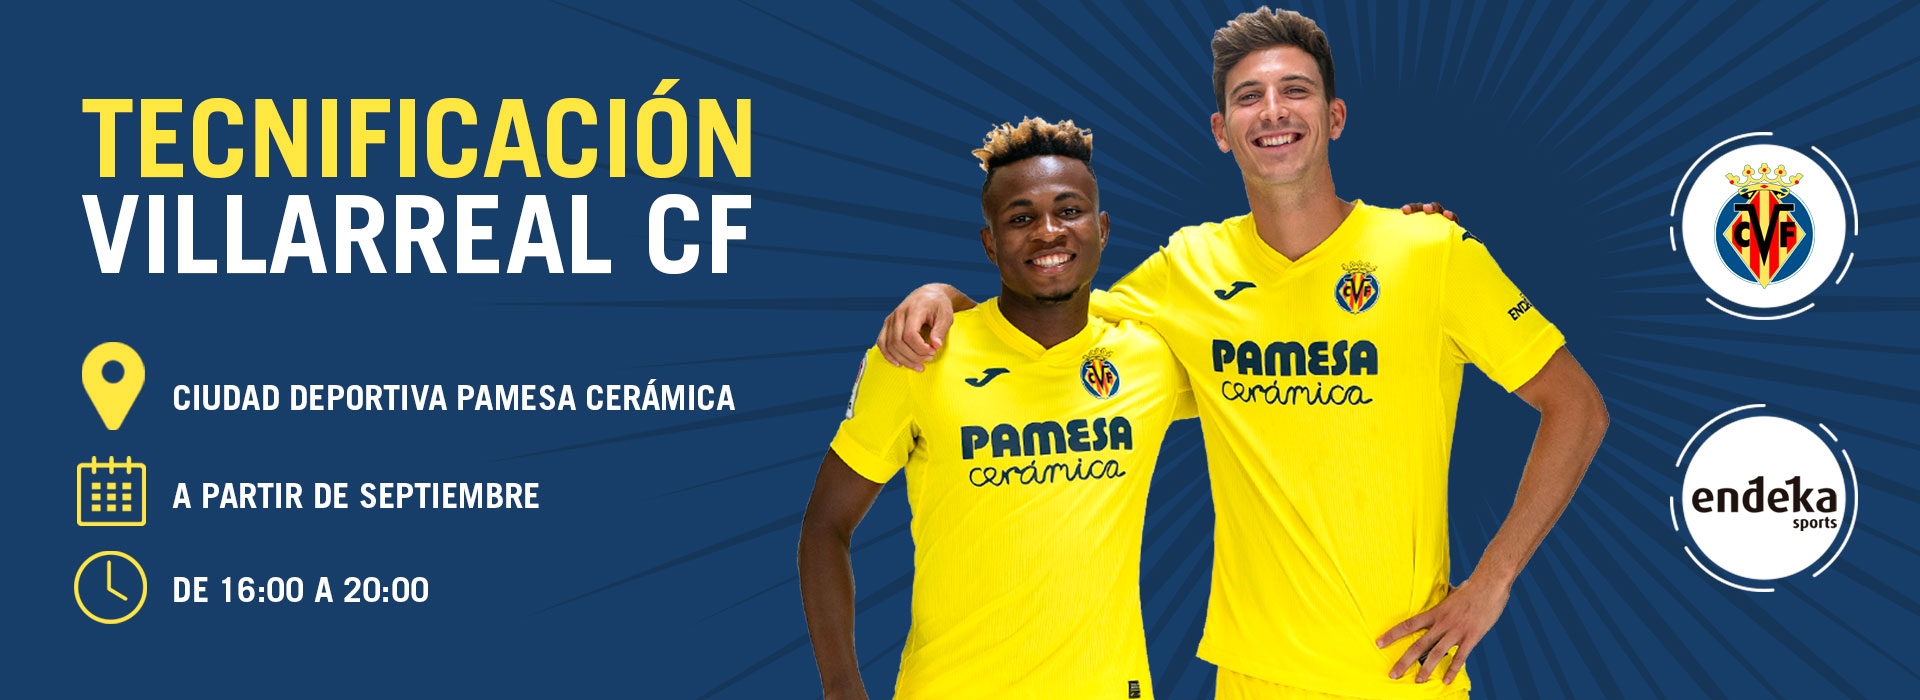 Tecnificación Villarreal CF 21/22